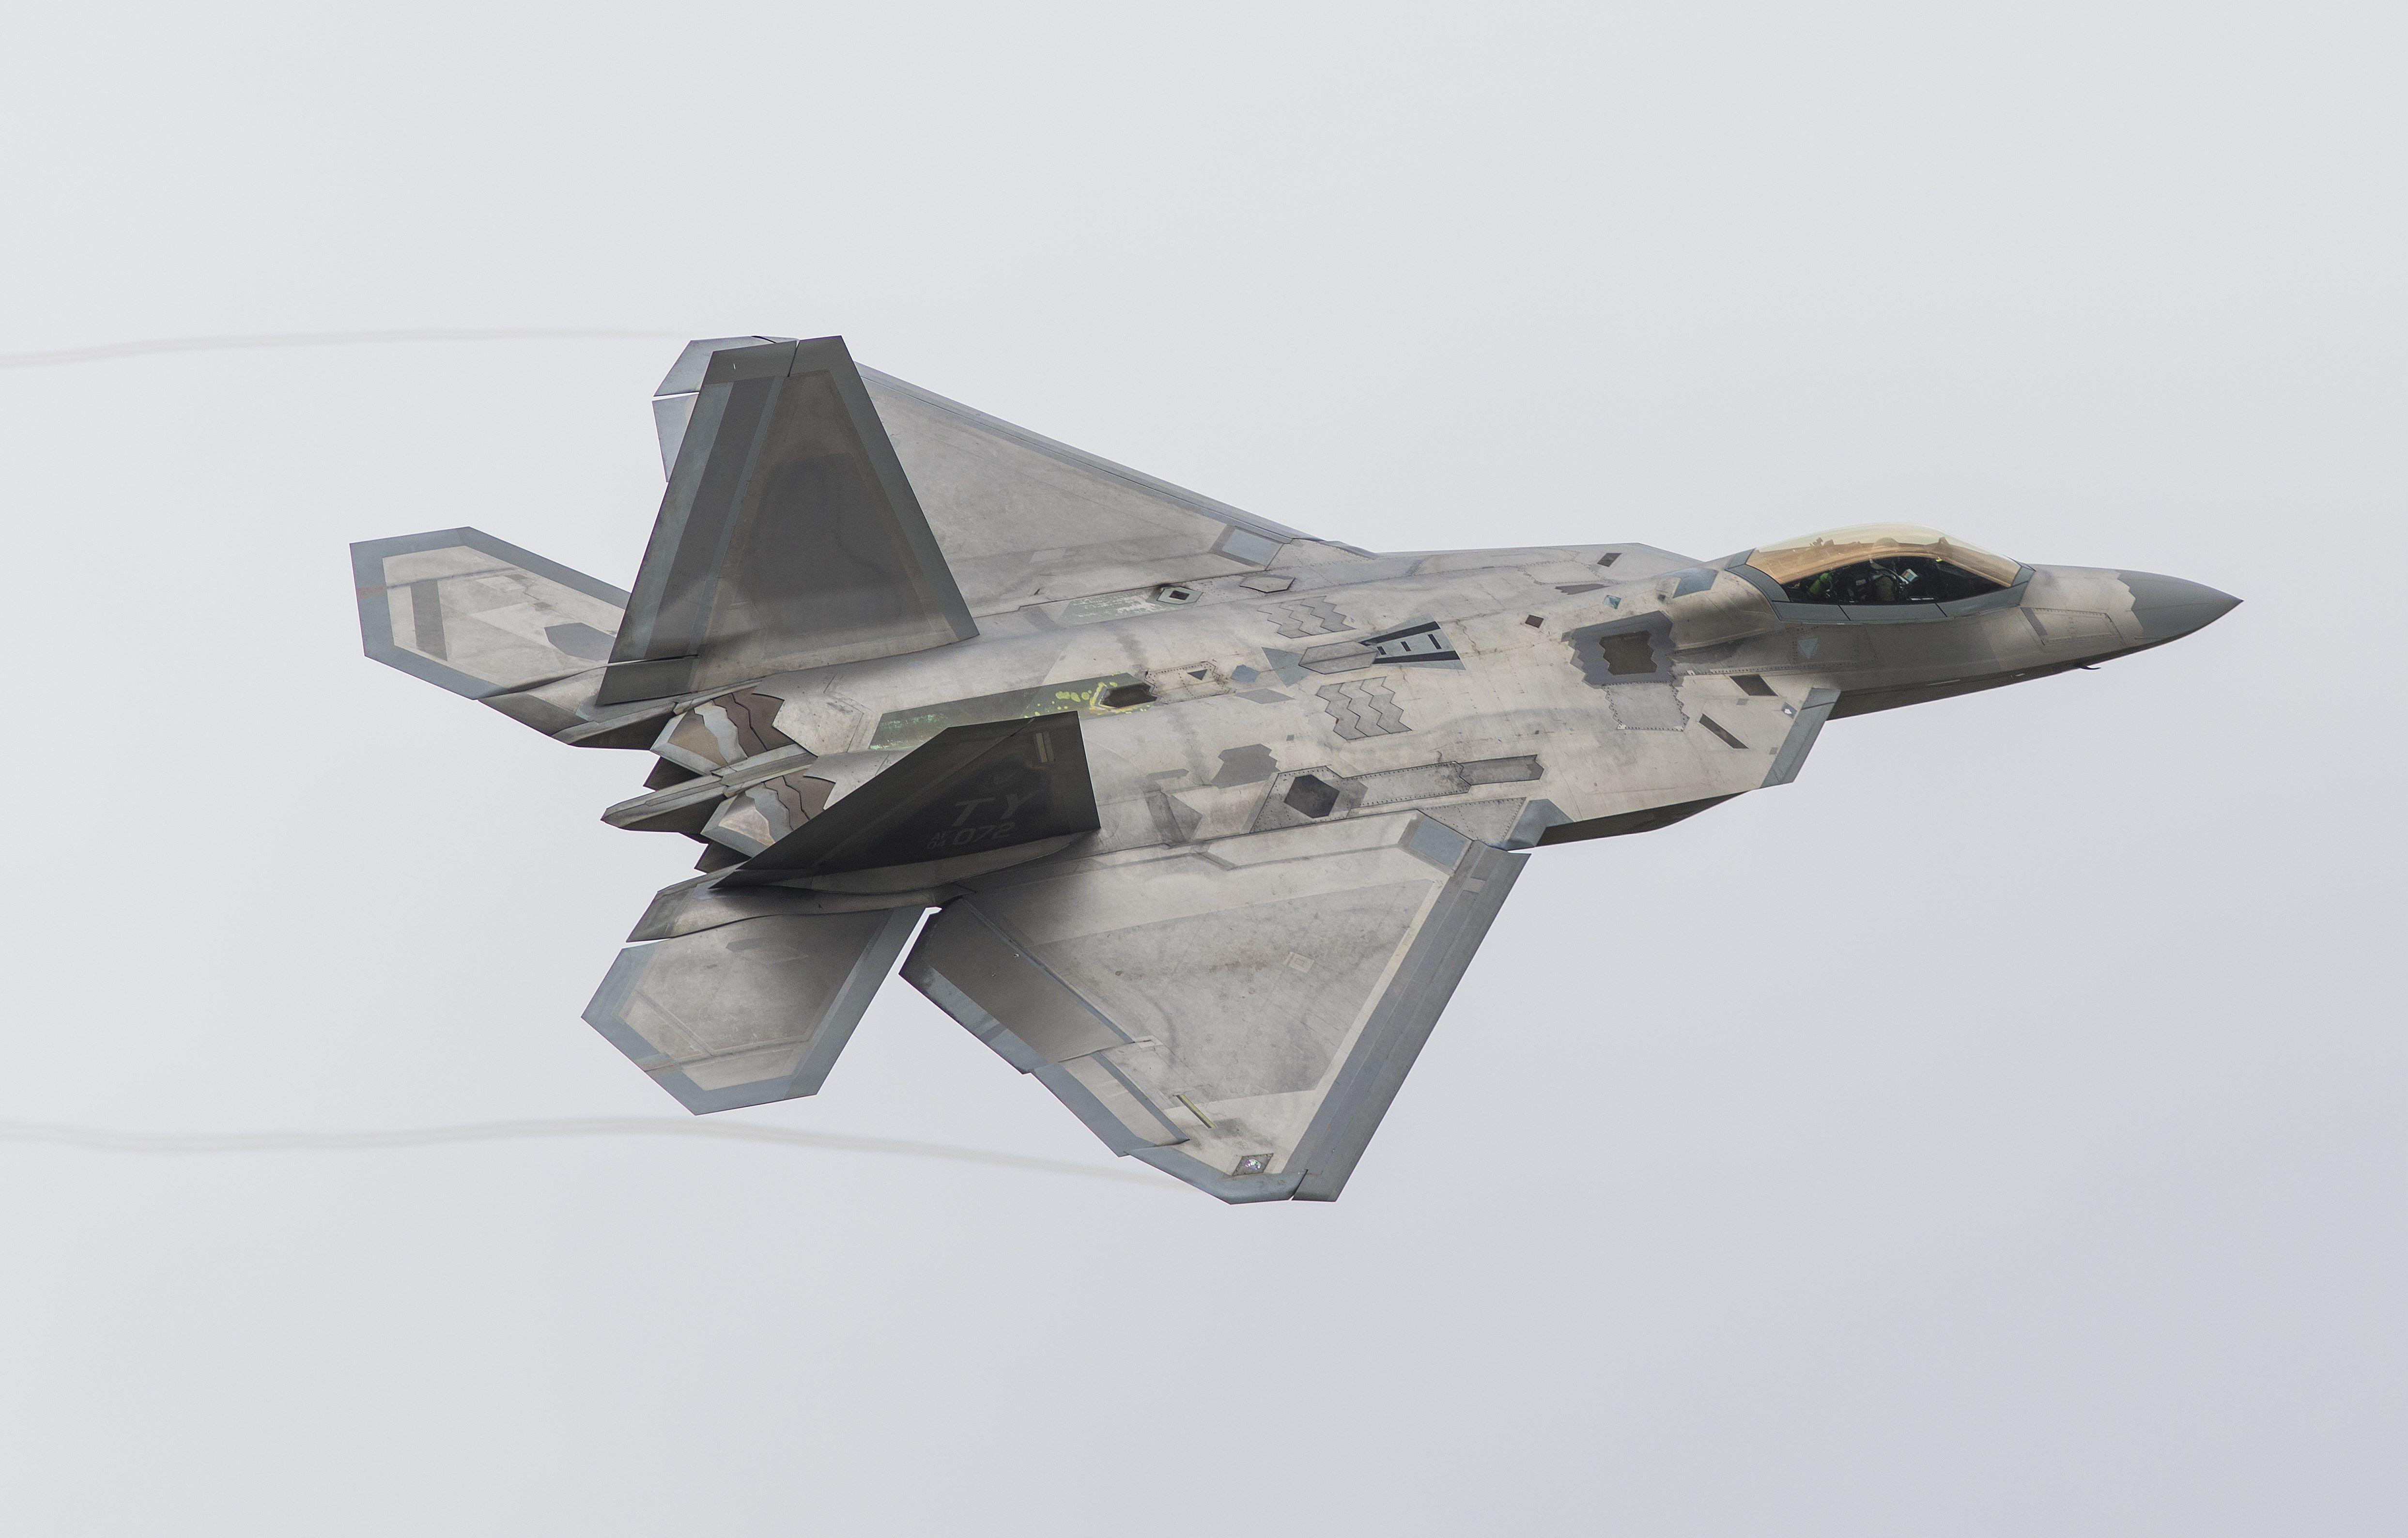 4k Wallpaper Lockheed Martin F 22 Raptor 4972x3176 Fighter